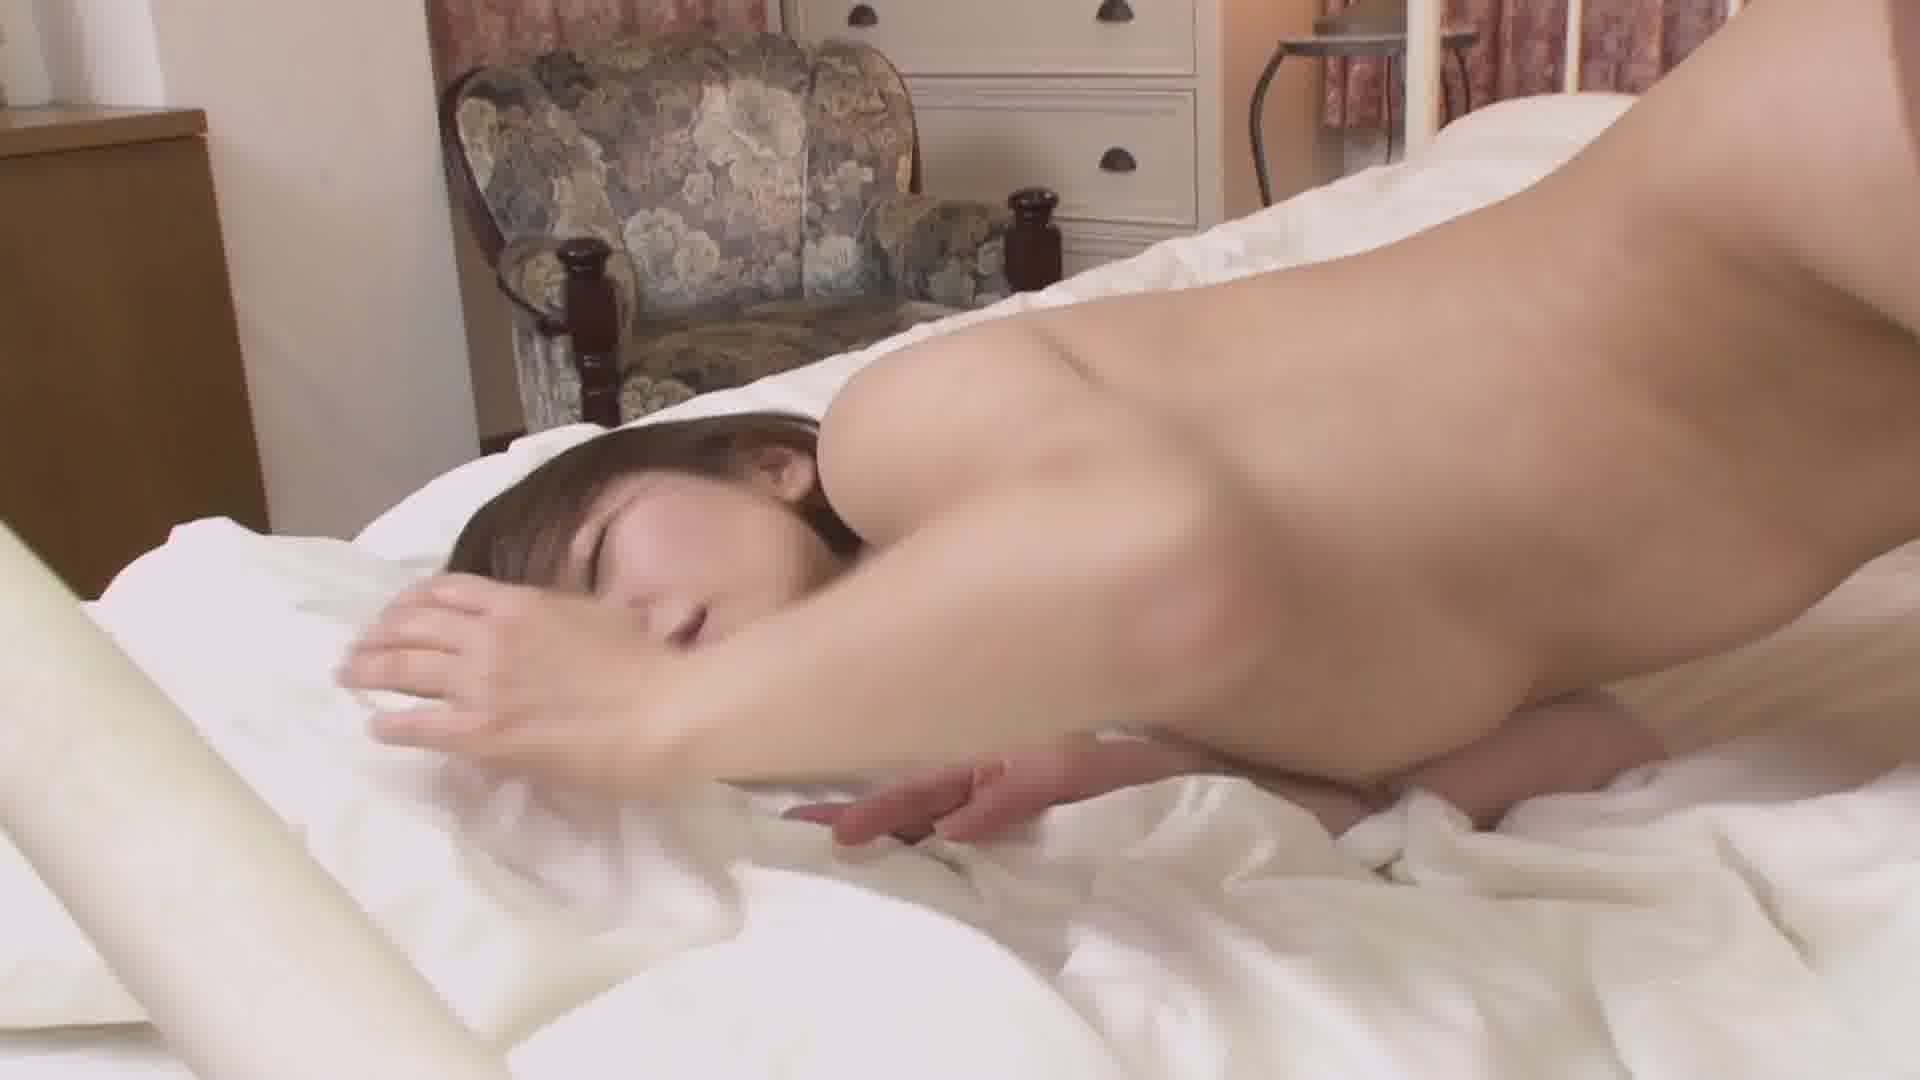 理性がぶっ飛んだ美熟女の濃厚SEX - HITOMI【痴女・スレンダー・中出し】